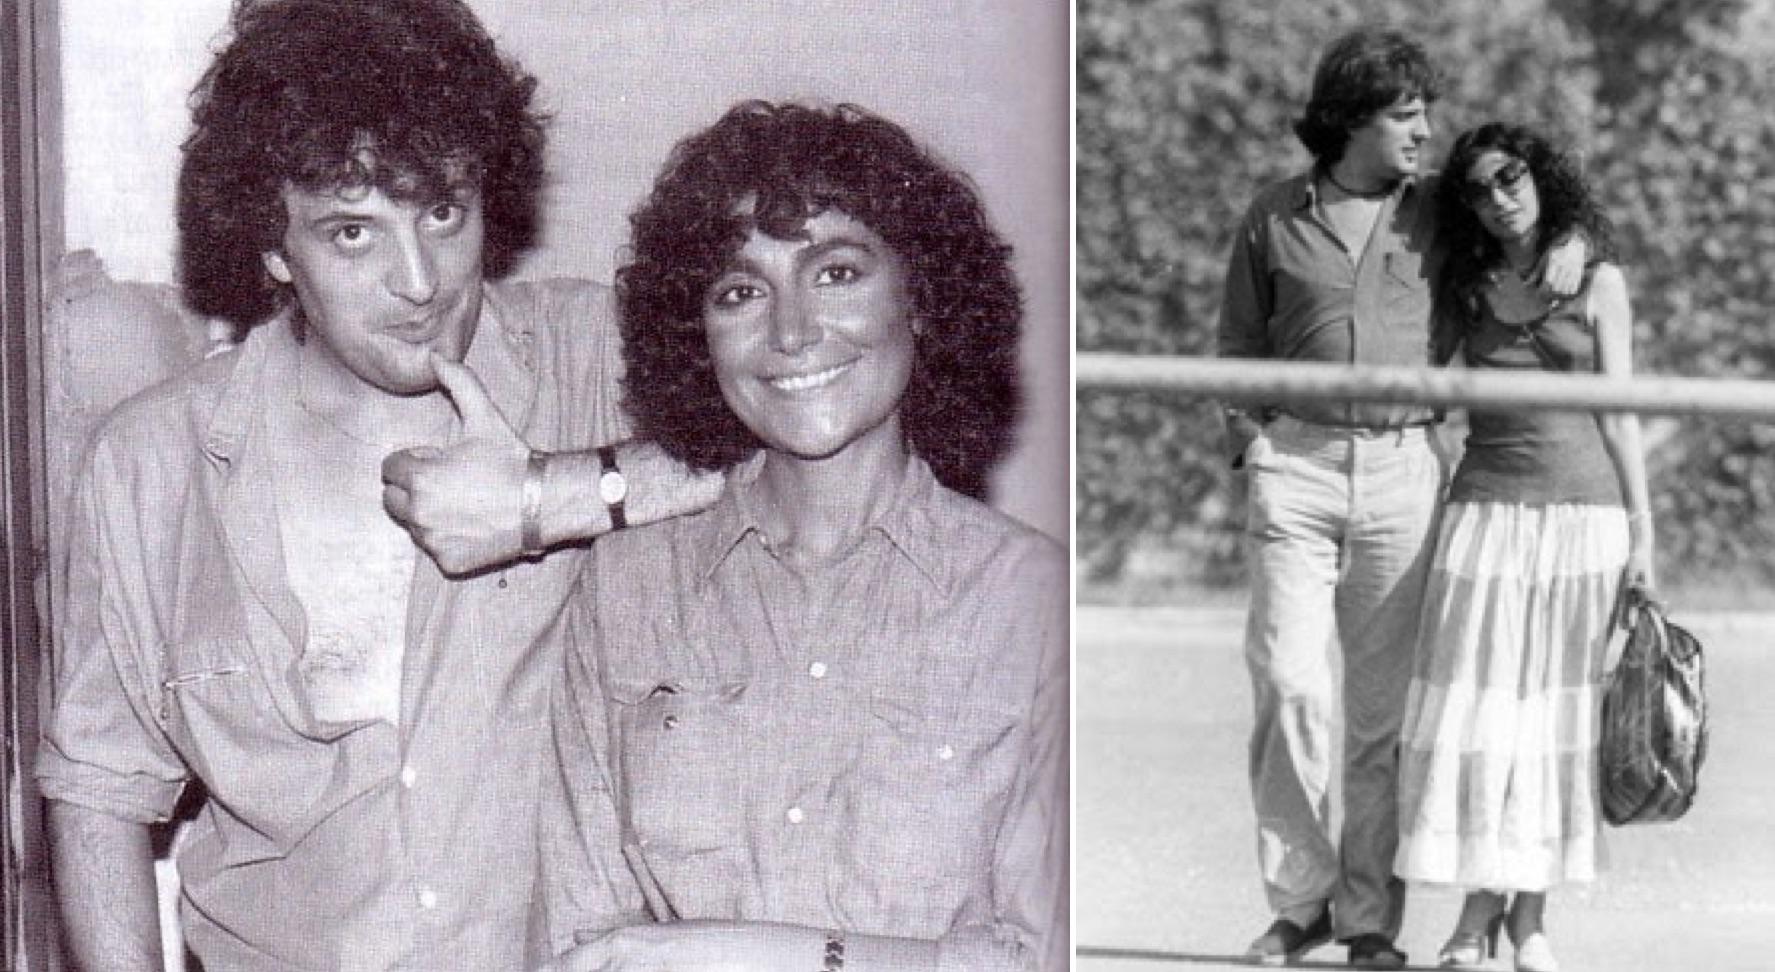 """Ivano Fossati y Mia Martini. (Fotos: """"Carpe Diem"""", blog dedicado a Mia Martini)"""